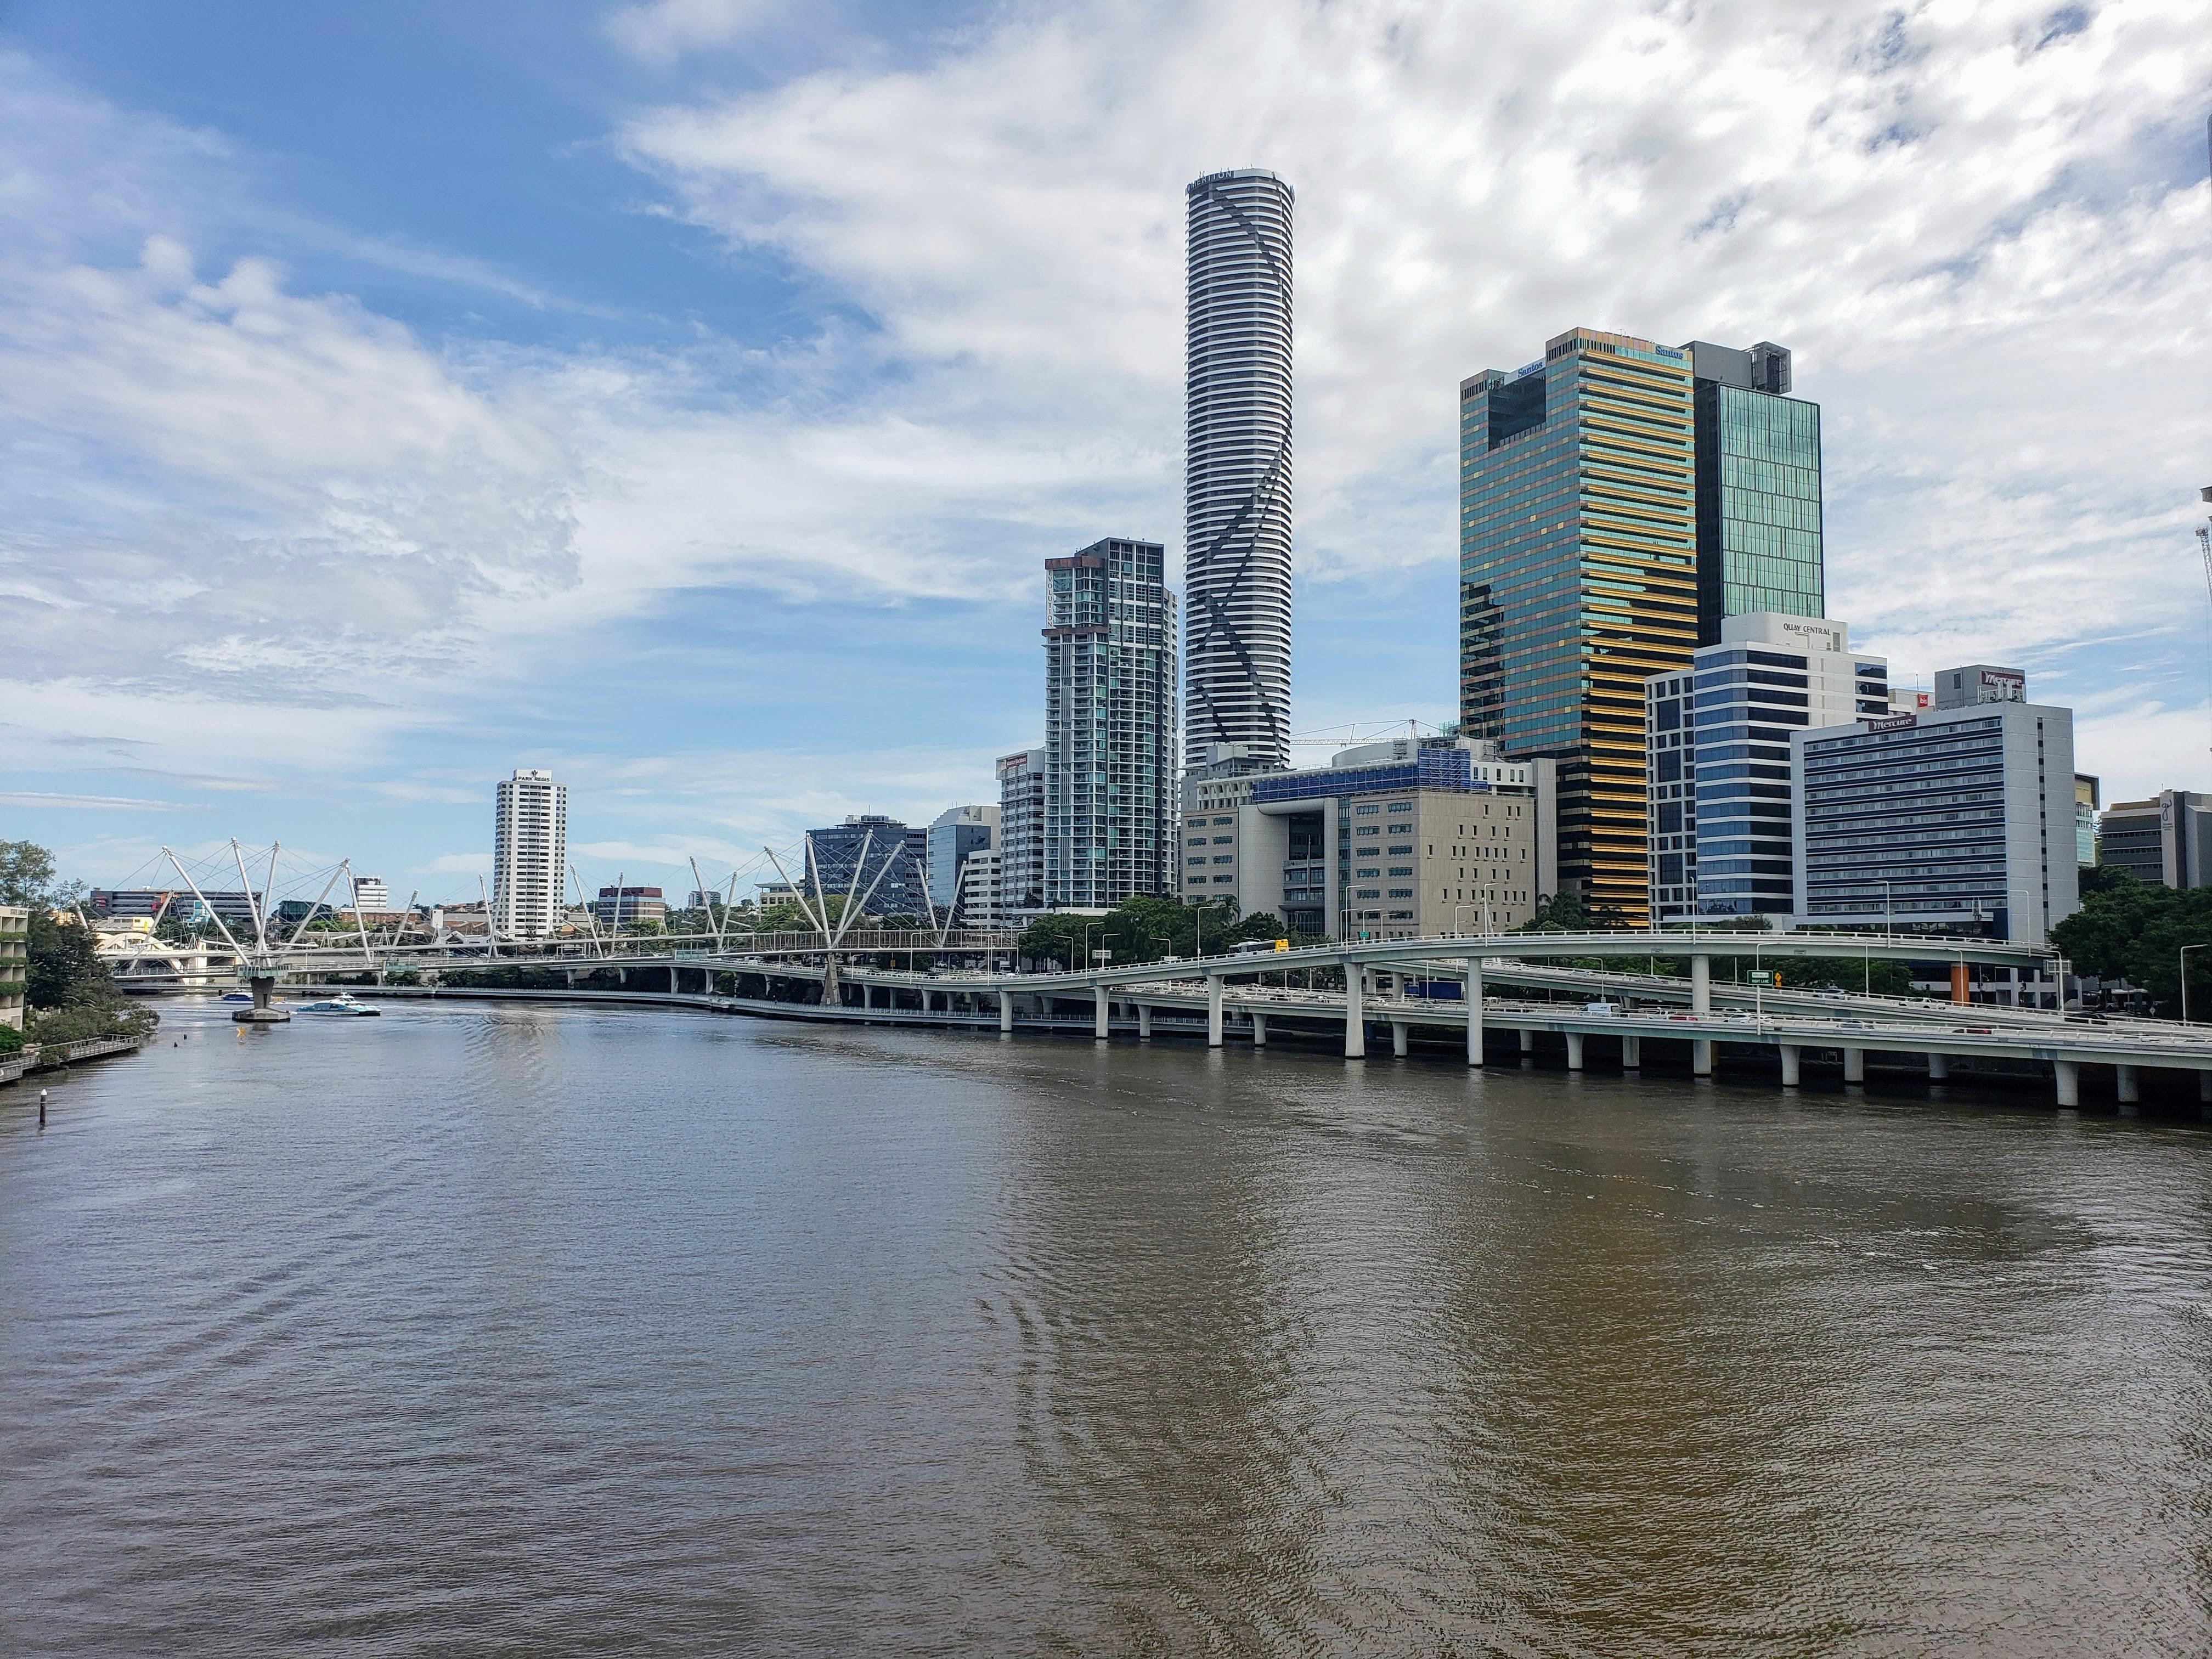 Brisbane, Queensland, Australia – 3 Day Trip